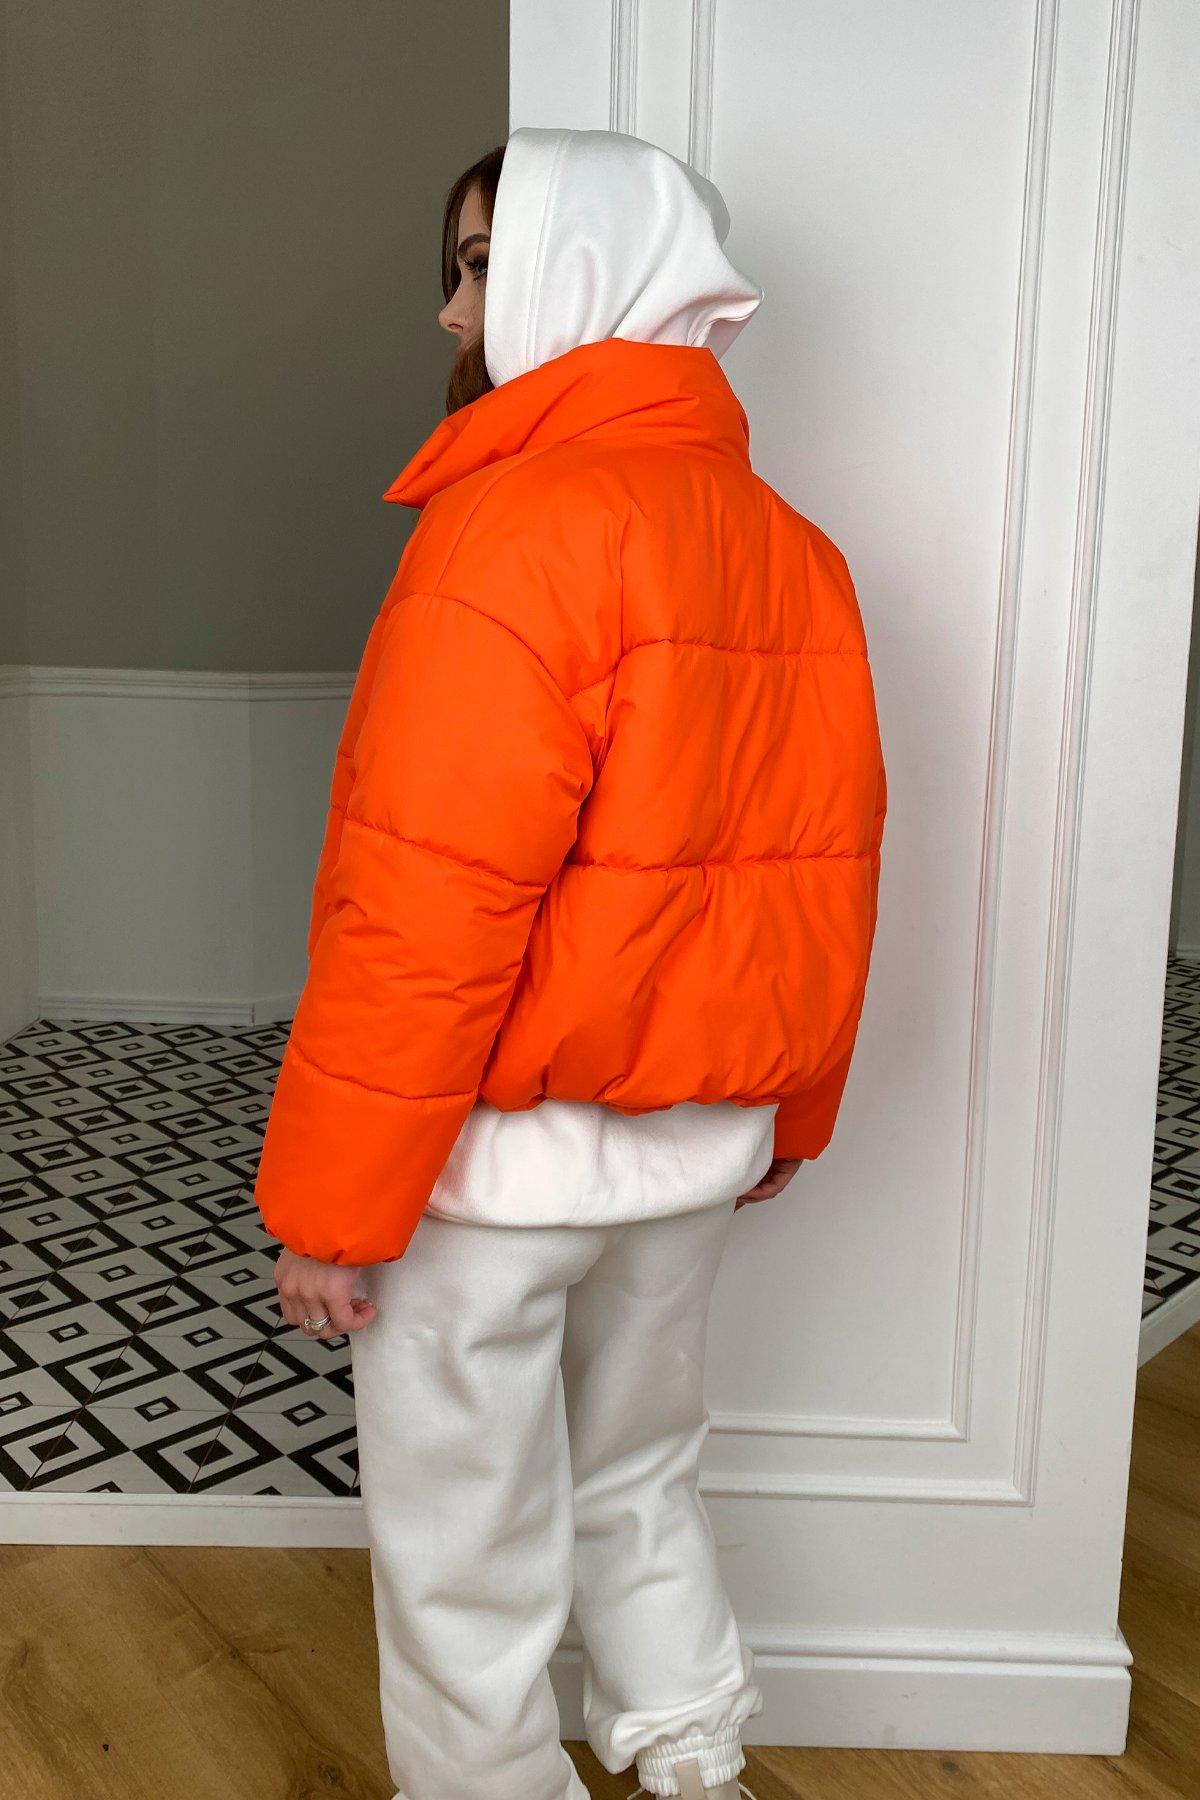 Драйв куртка из плащевой ткани 10448 АРТ. 46766 Цвет: Оранжевый 788 - фото 3, интернет магазин tm-modus.ru